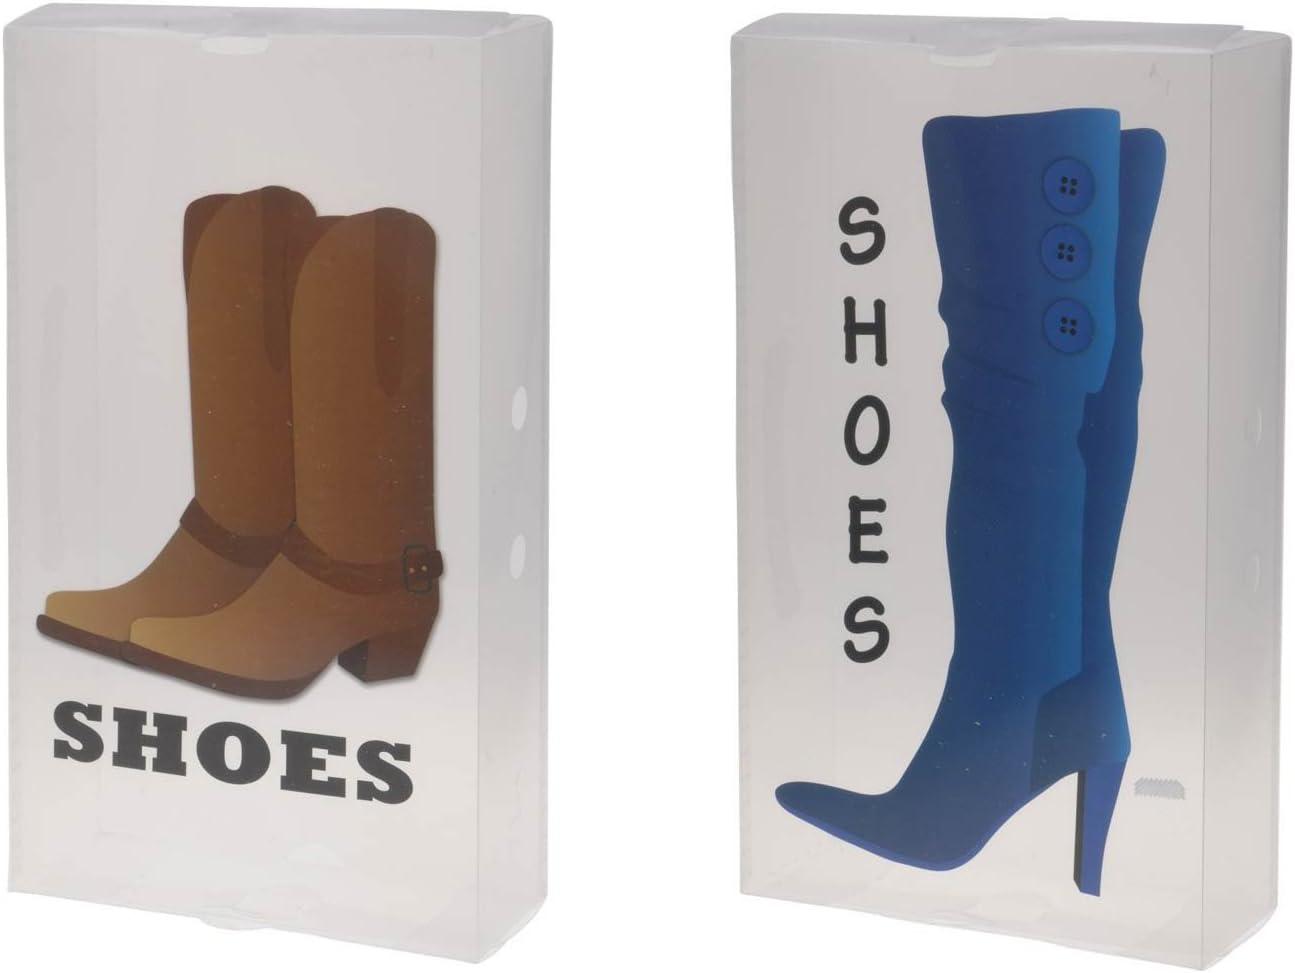 Caja de plástico caja de almacenamiento caja de zapatos Botas Box caja para guardar zapatos 51,5 x 30 x 11,5 cm: Amazon.es: Hogar